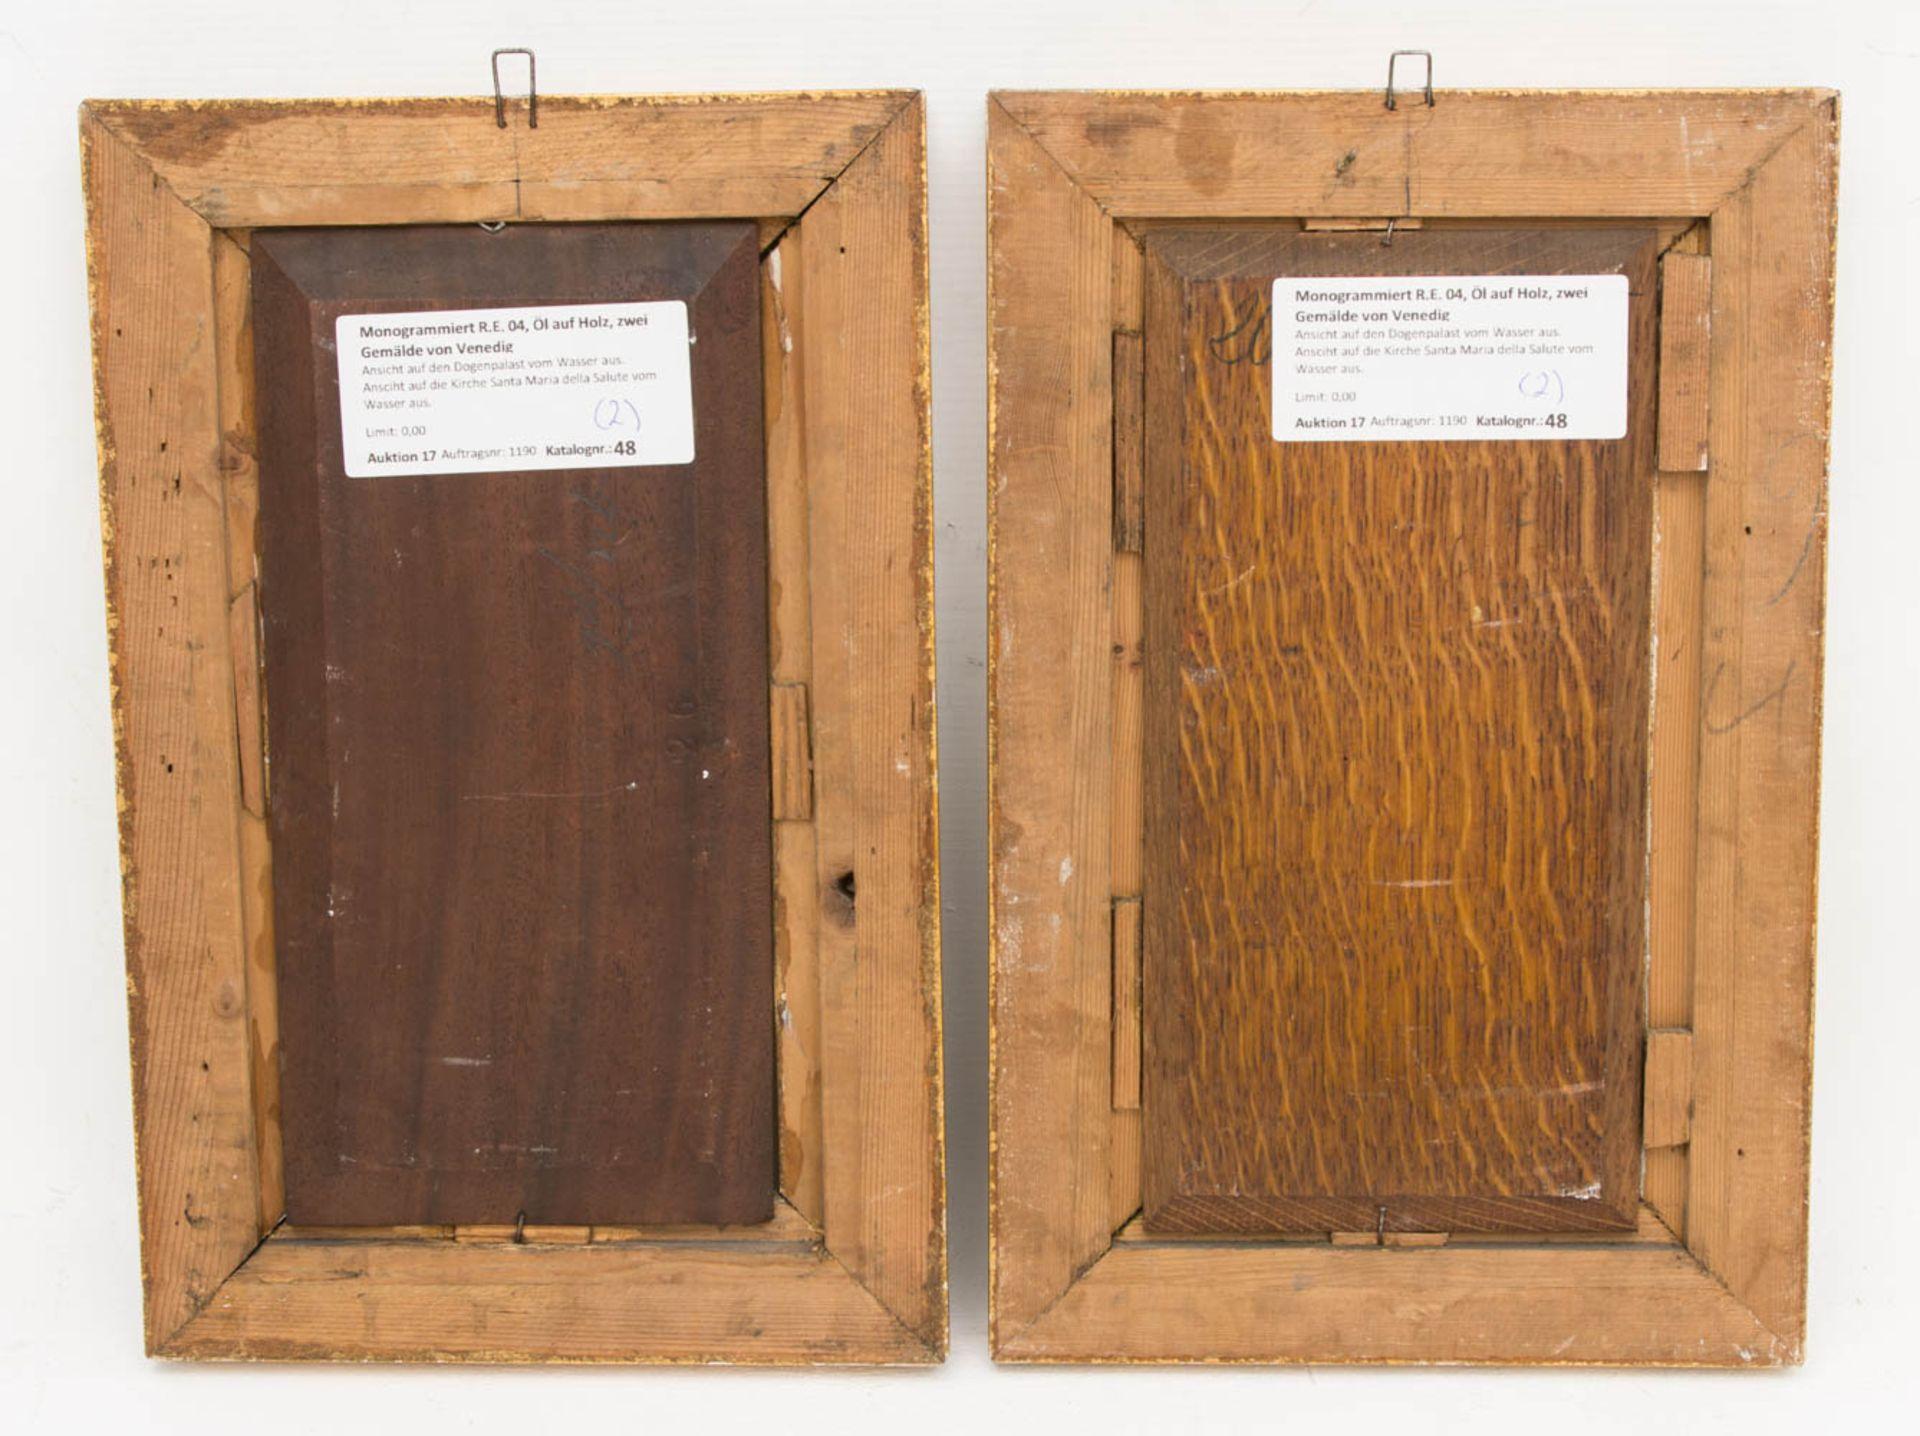 Monogrammiert R.E. 04, Öl auf Holz, Zwei Gemälde mit Ansichten von Venedig.Ansicht a - Bild 6 aus 6